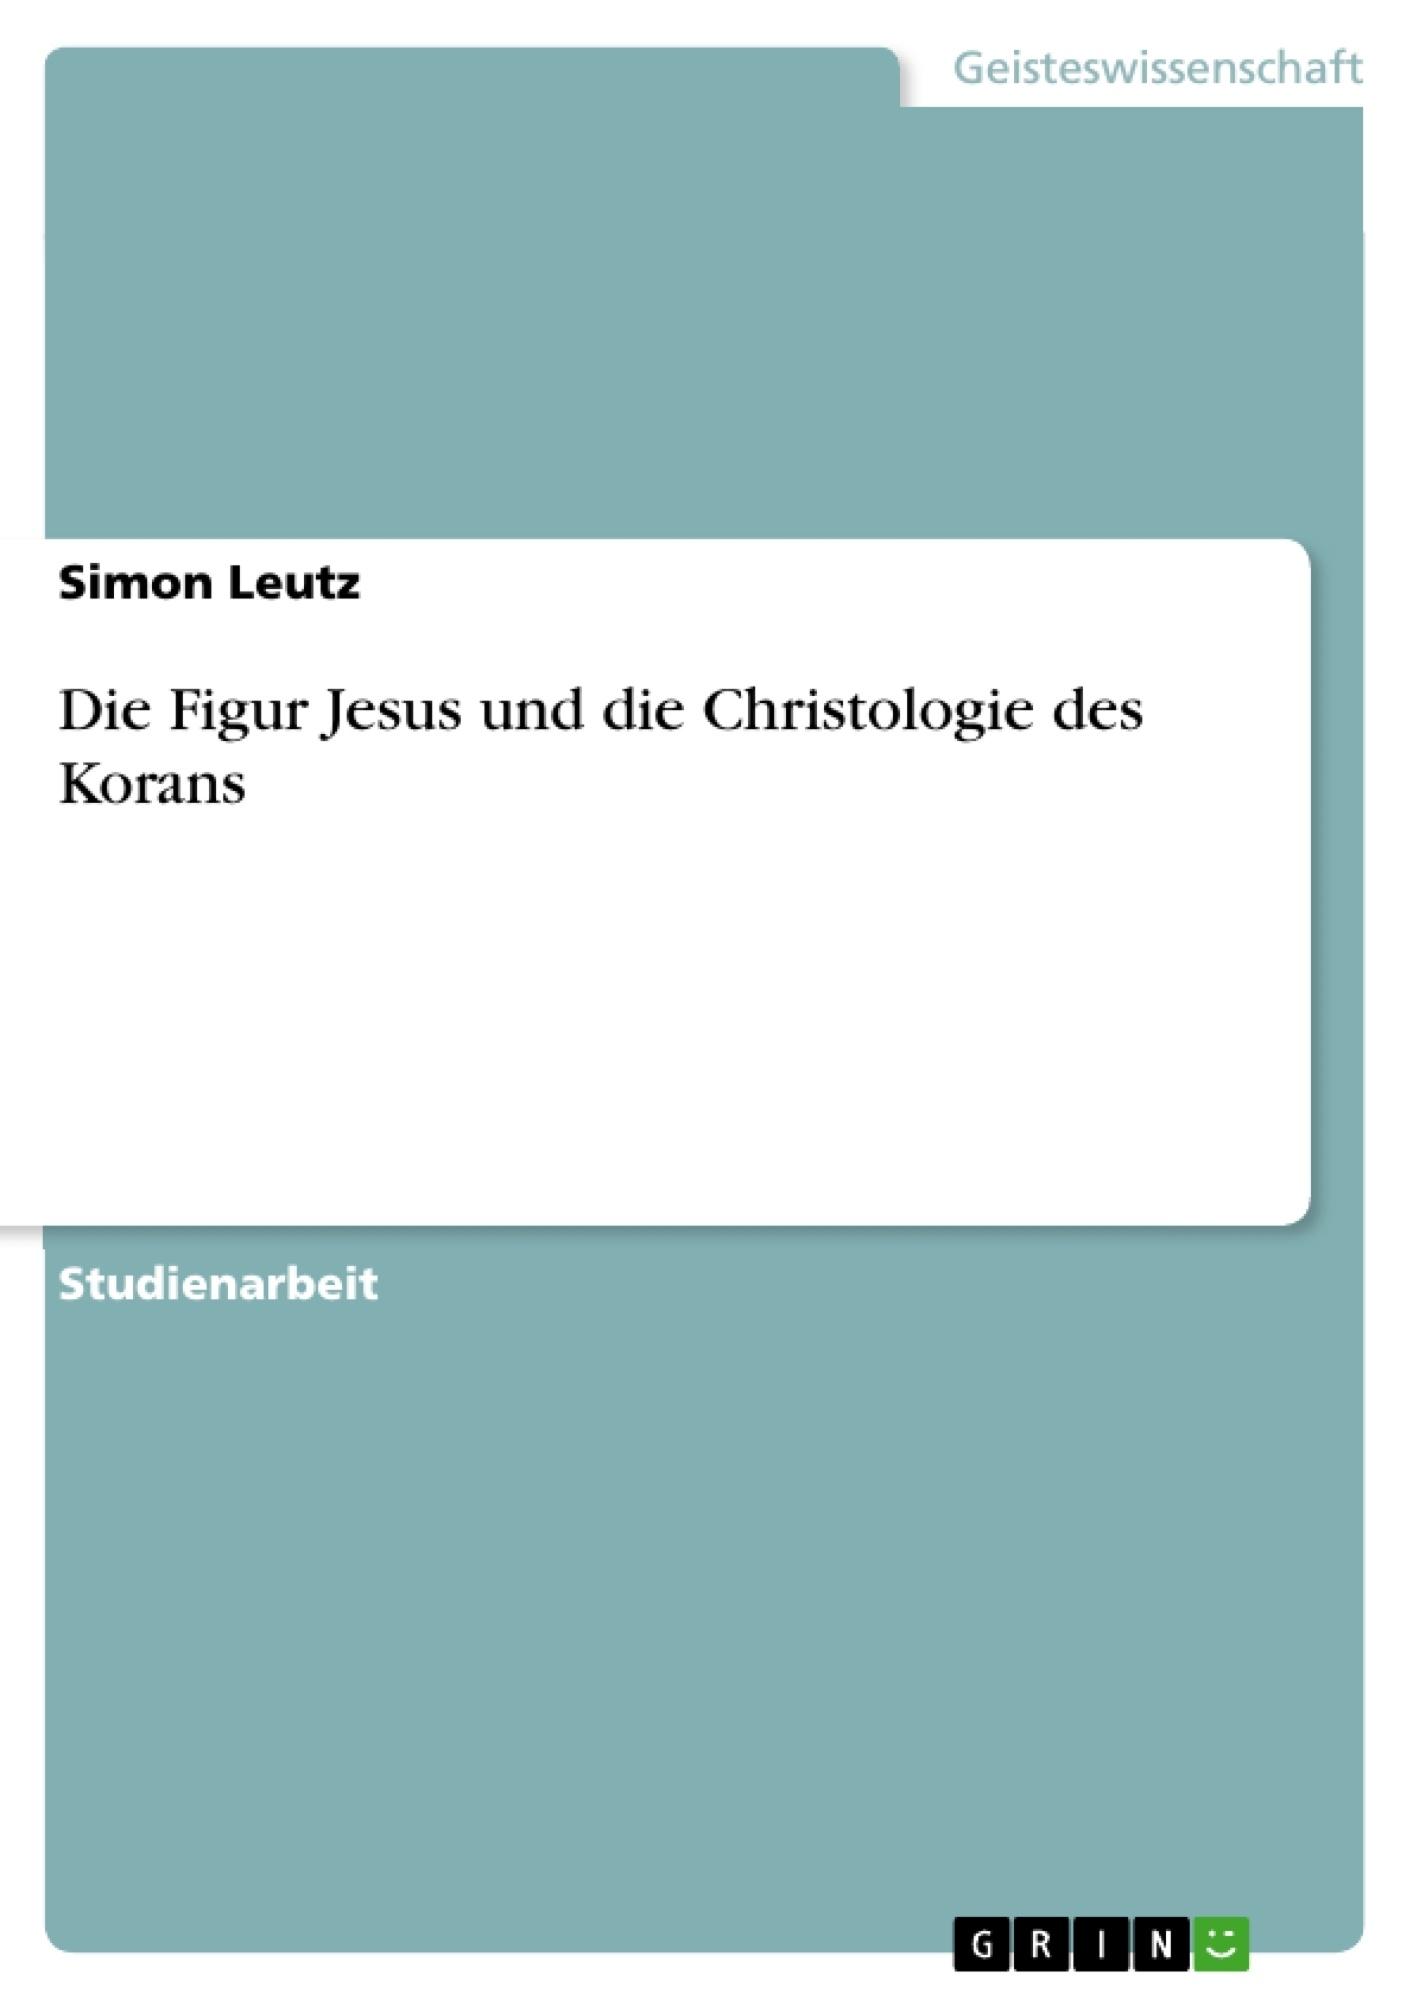 Titel: Die Figur Jesus und die Christologie des Korans